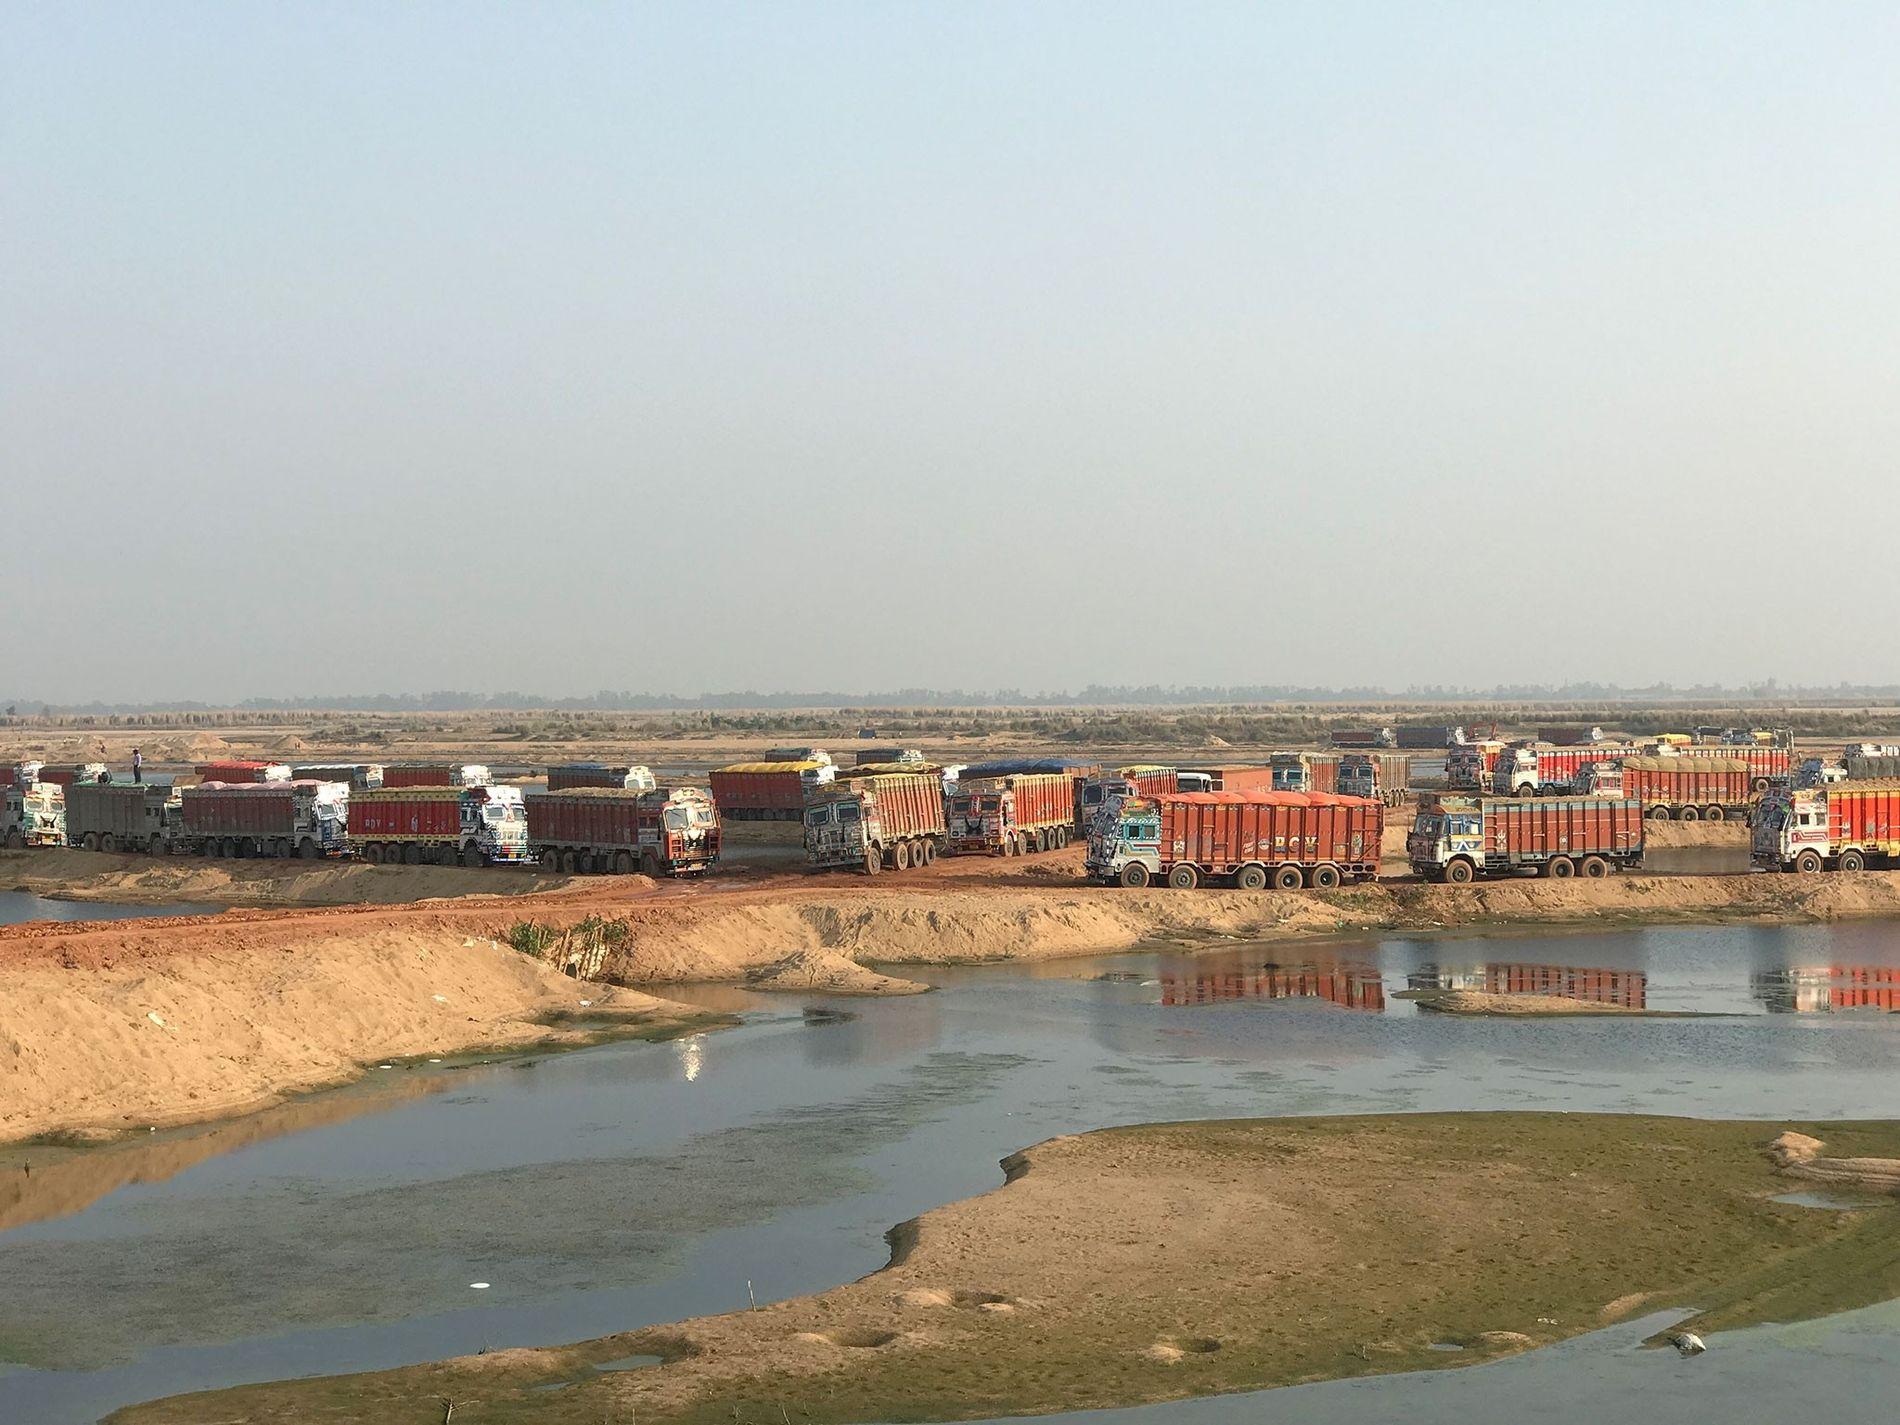 Sur la rivière Son dans l'État indien de Bihar, près de 300 camions défilent chaque jour ...